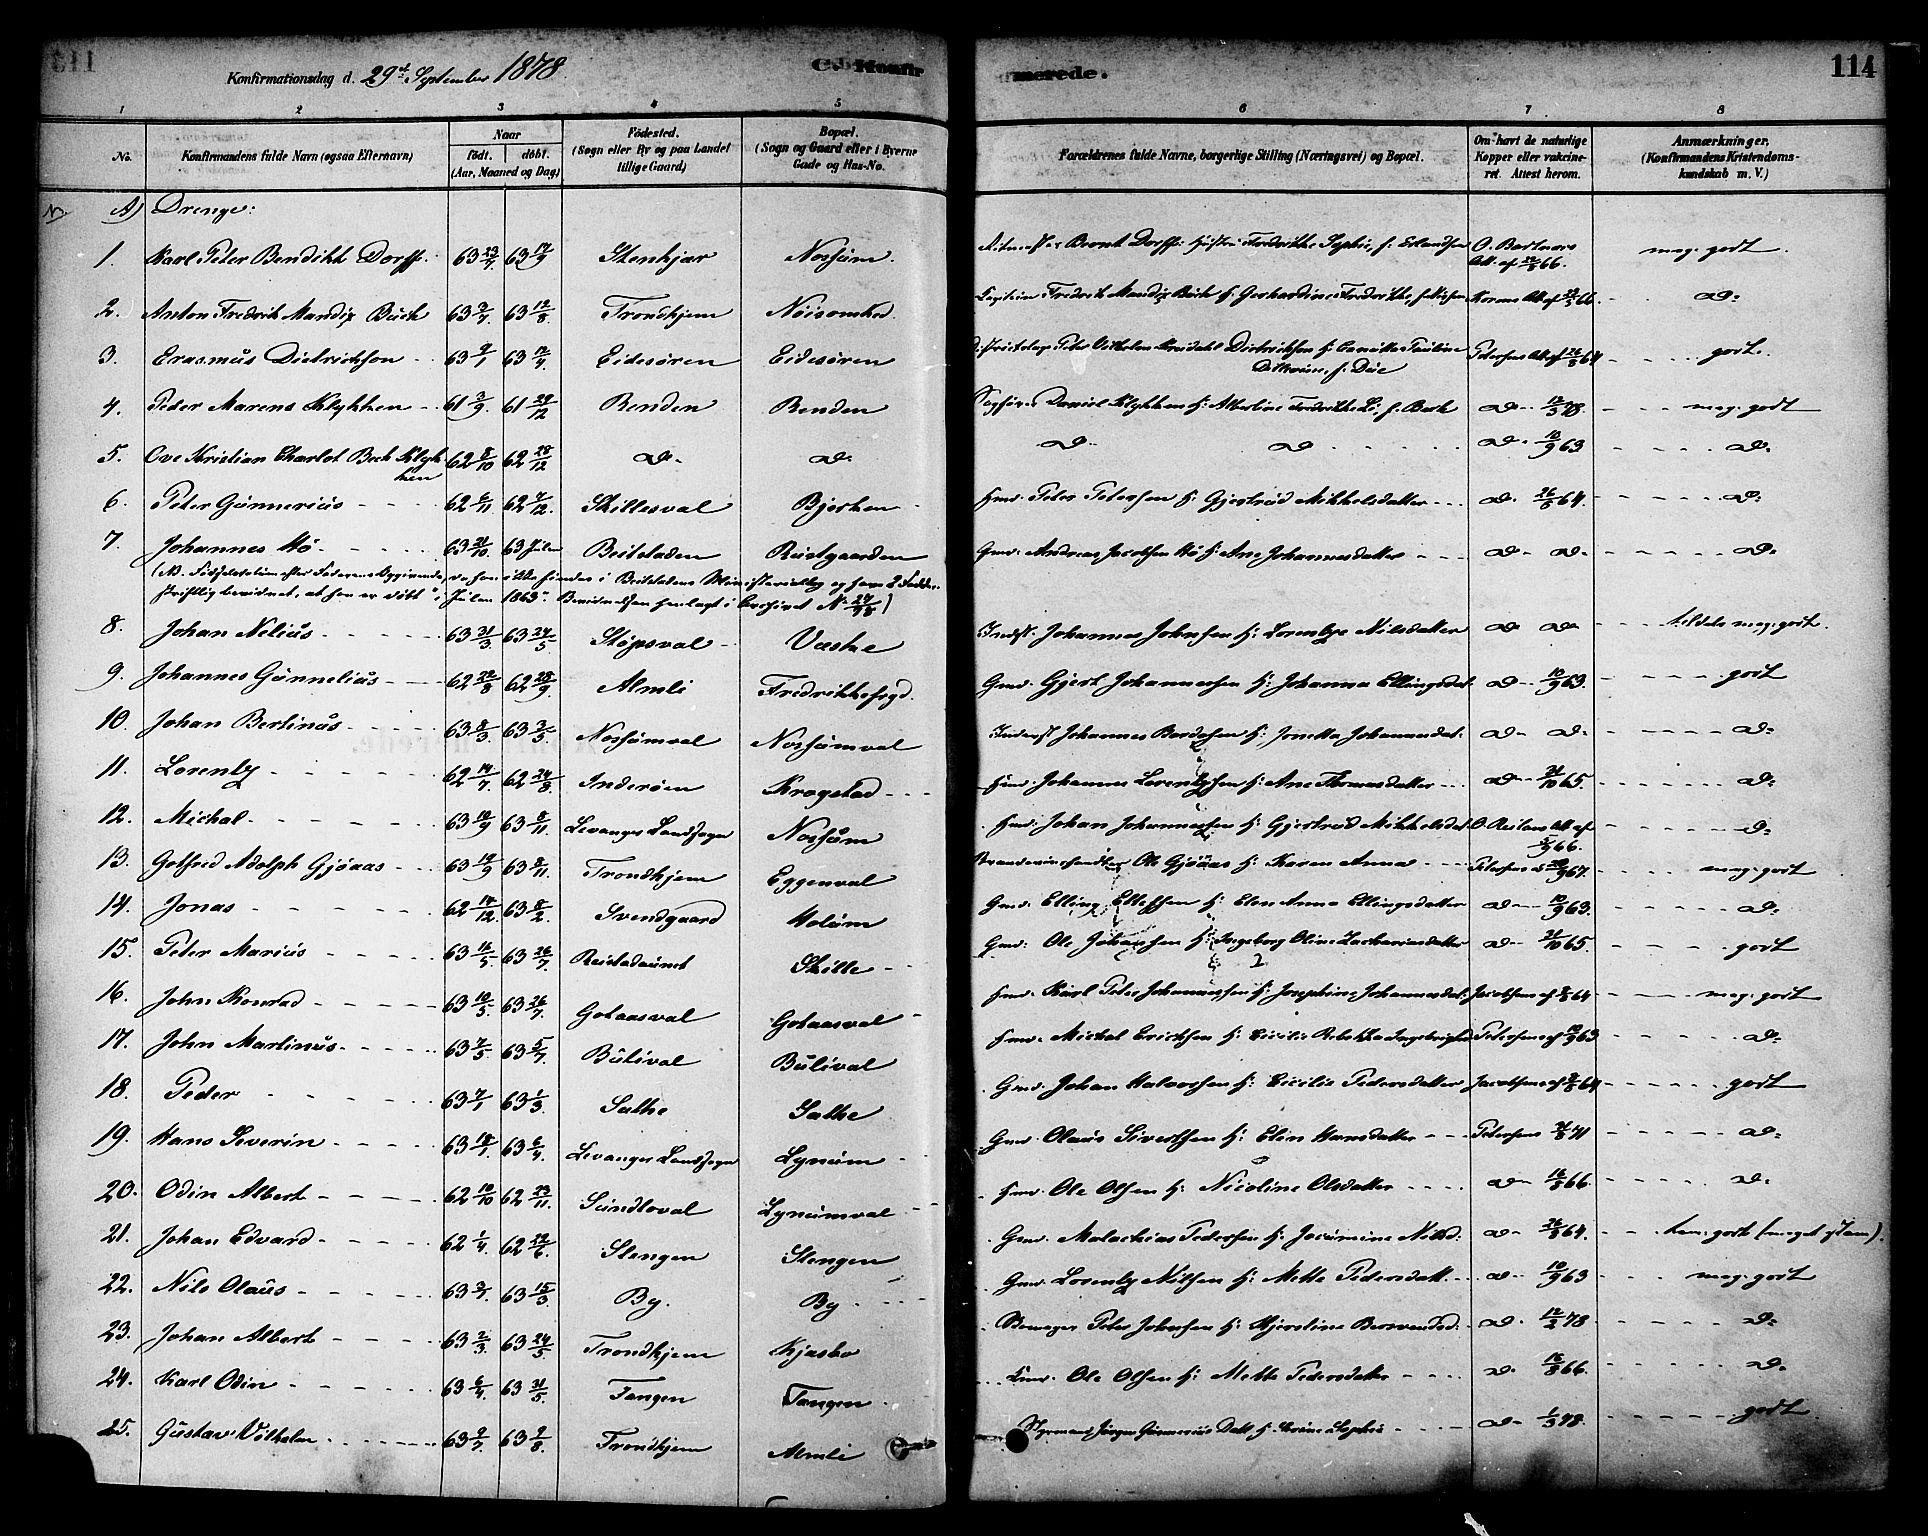 SAT, Ministerialprotokoller, klokkerbøker og fødselsregistre - Nord-Trøndelag, 717/L0159: Ministerialbok nr. 717A09, 1878-1898, s. 114